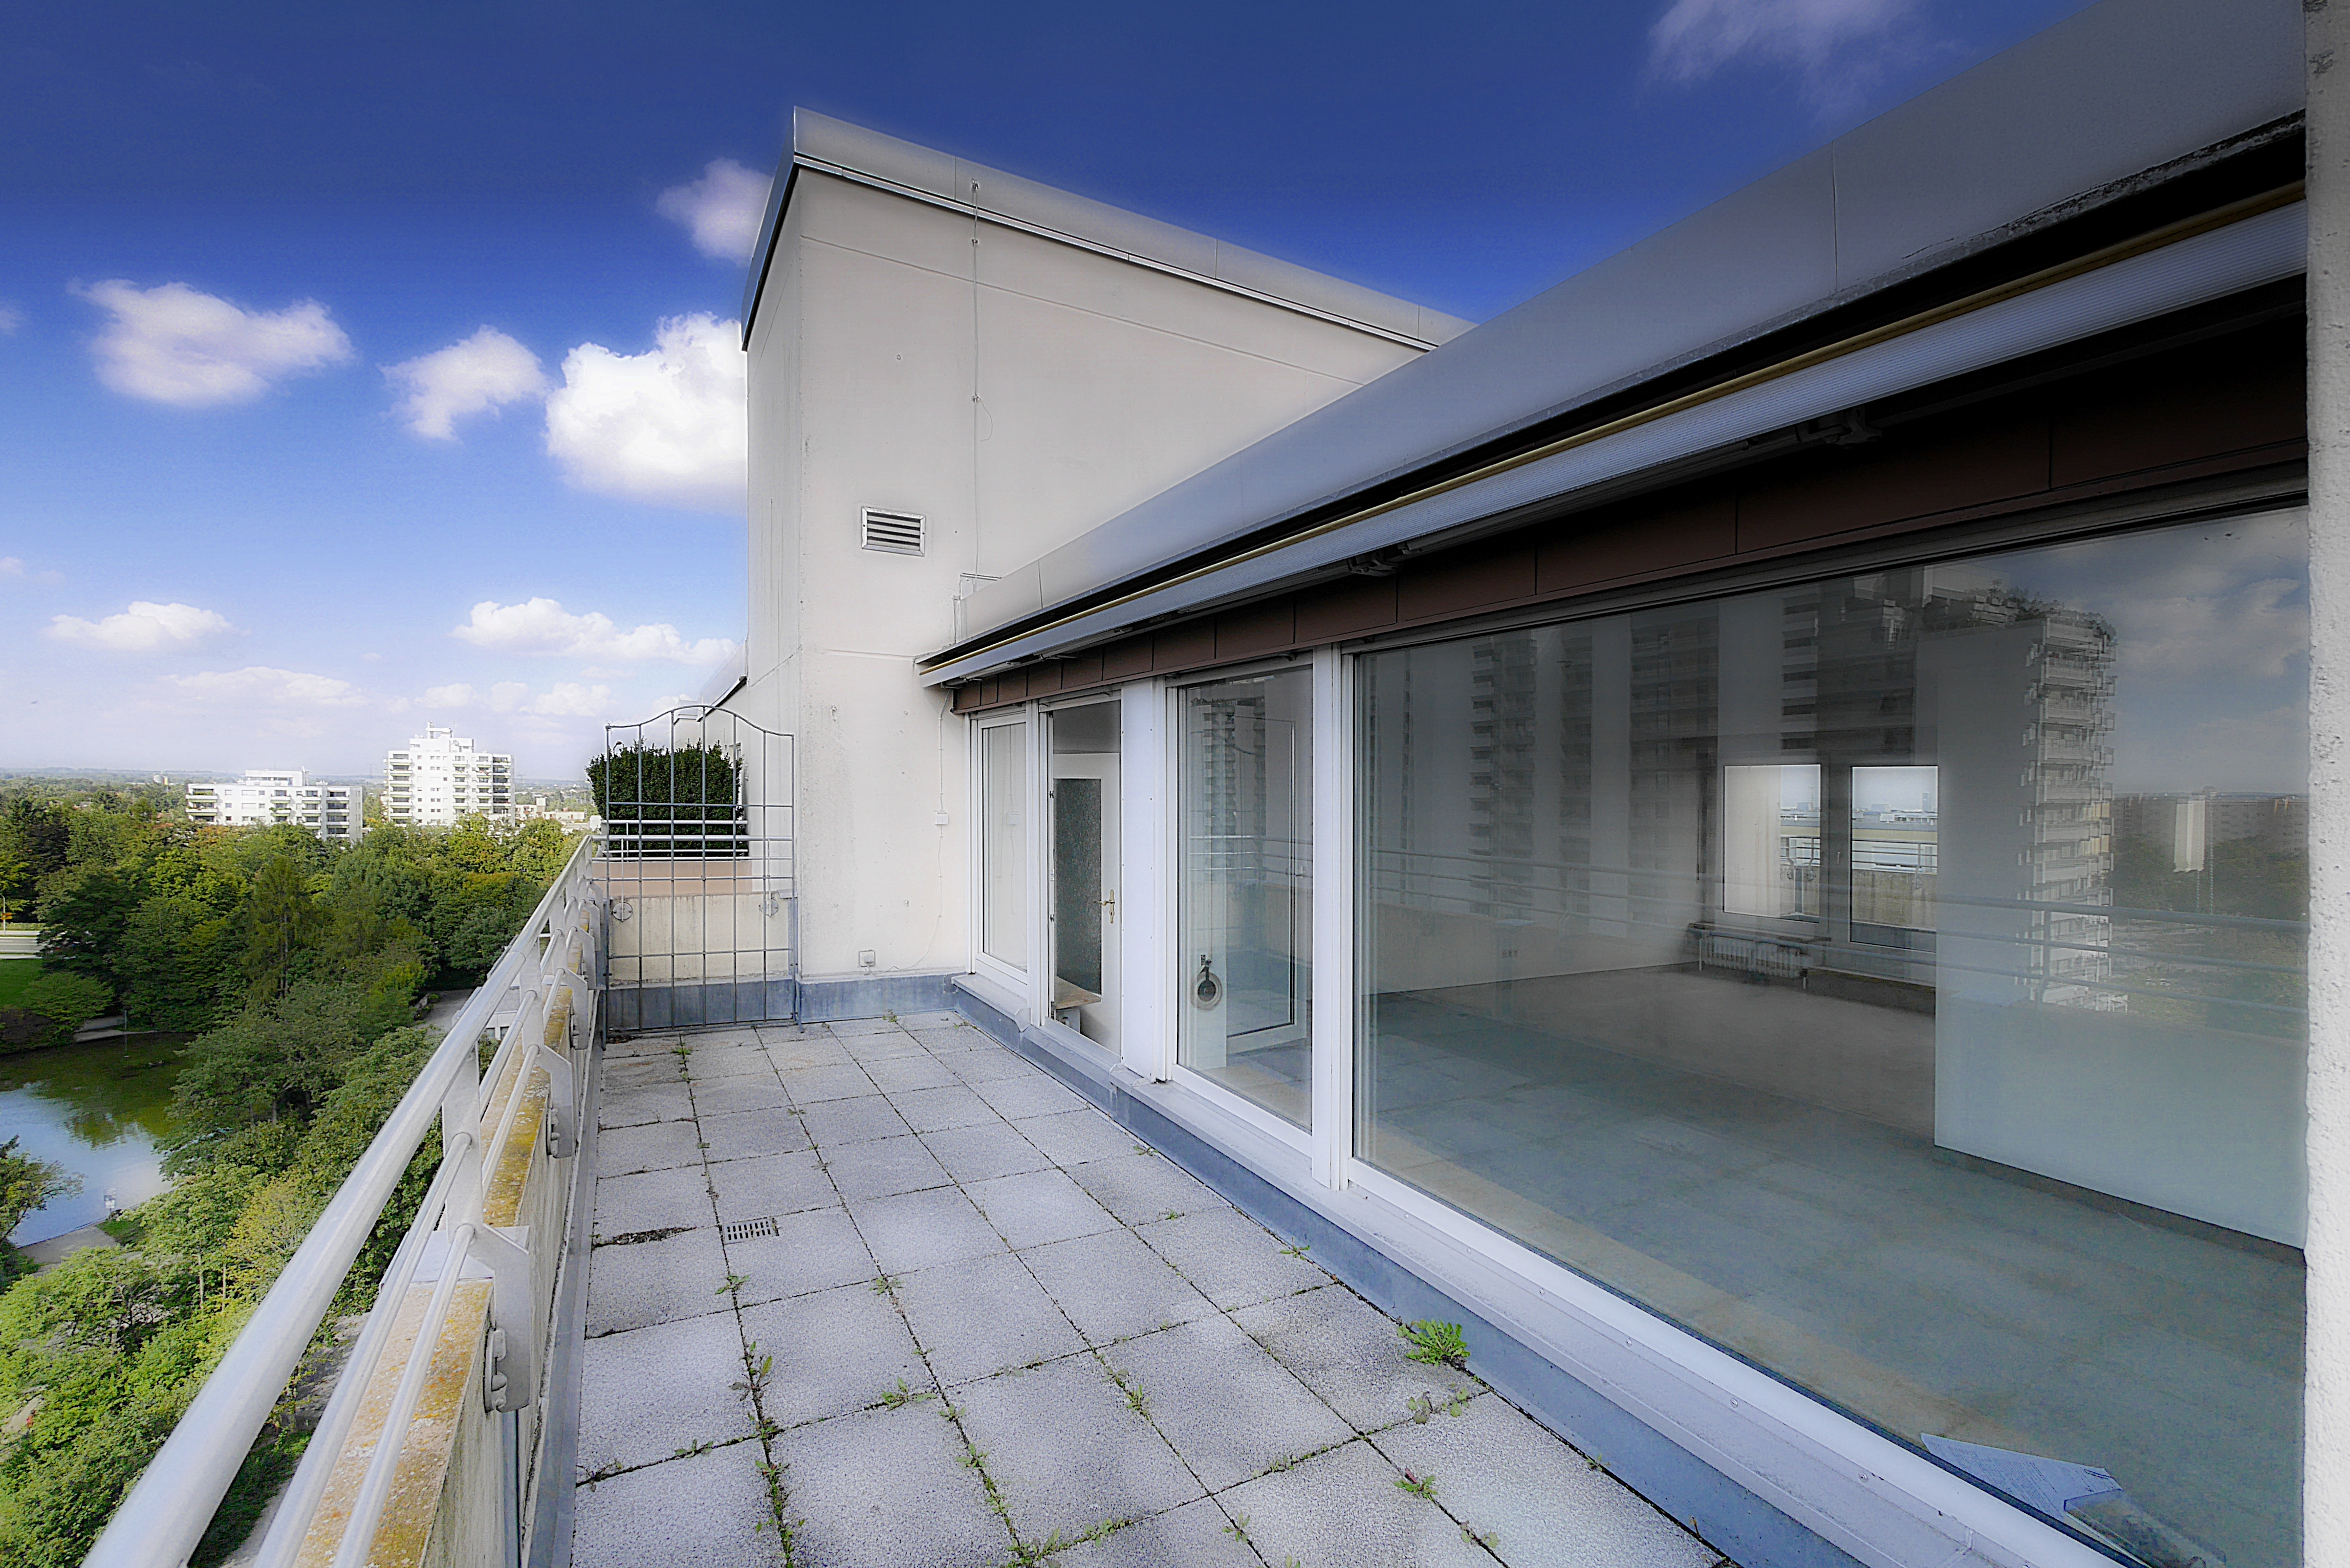 Zu Verkaufen: Attraktive Penthouse Wohnung mit 2 Dachterrassen, Alpenblick & Swimmingpool in München West Pasing-Neuaubing: Dachterrasse